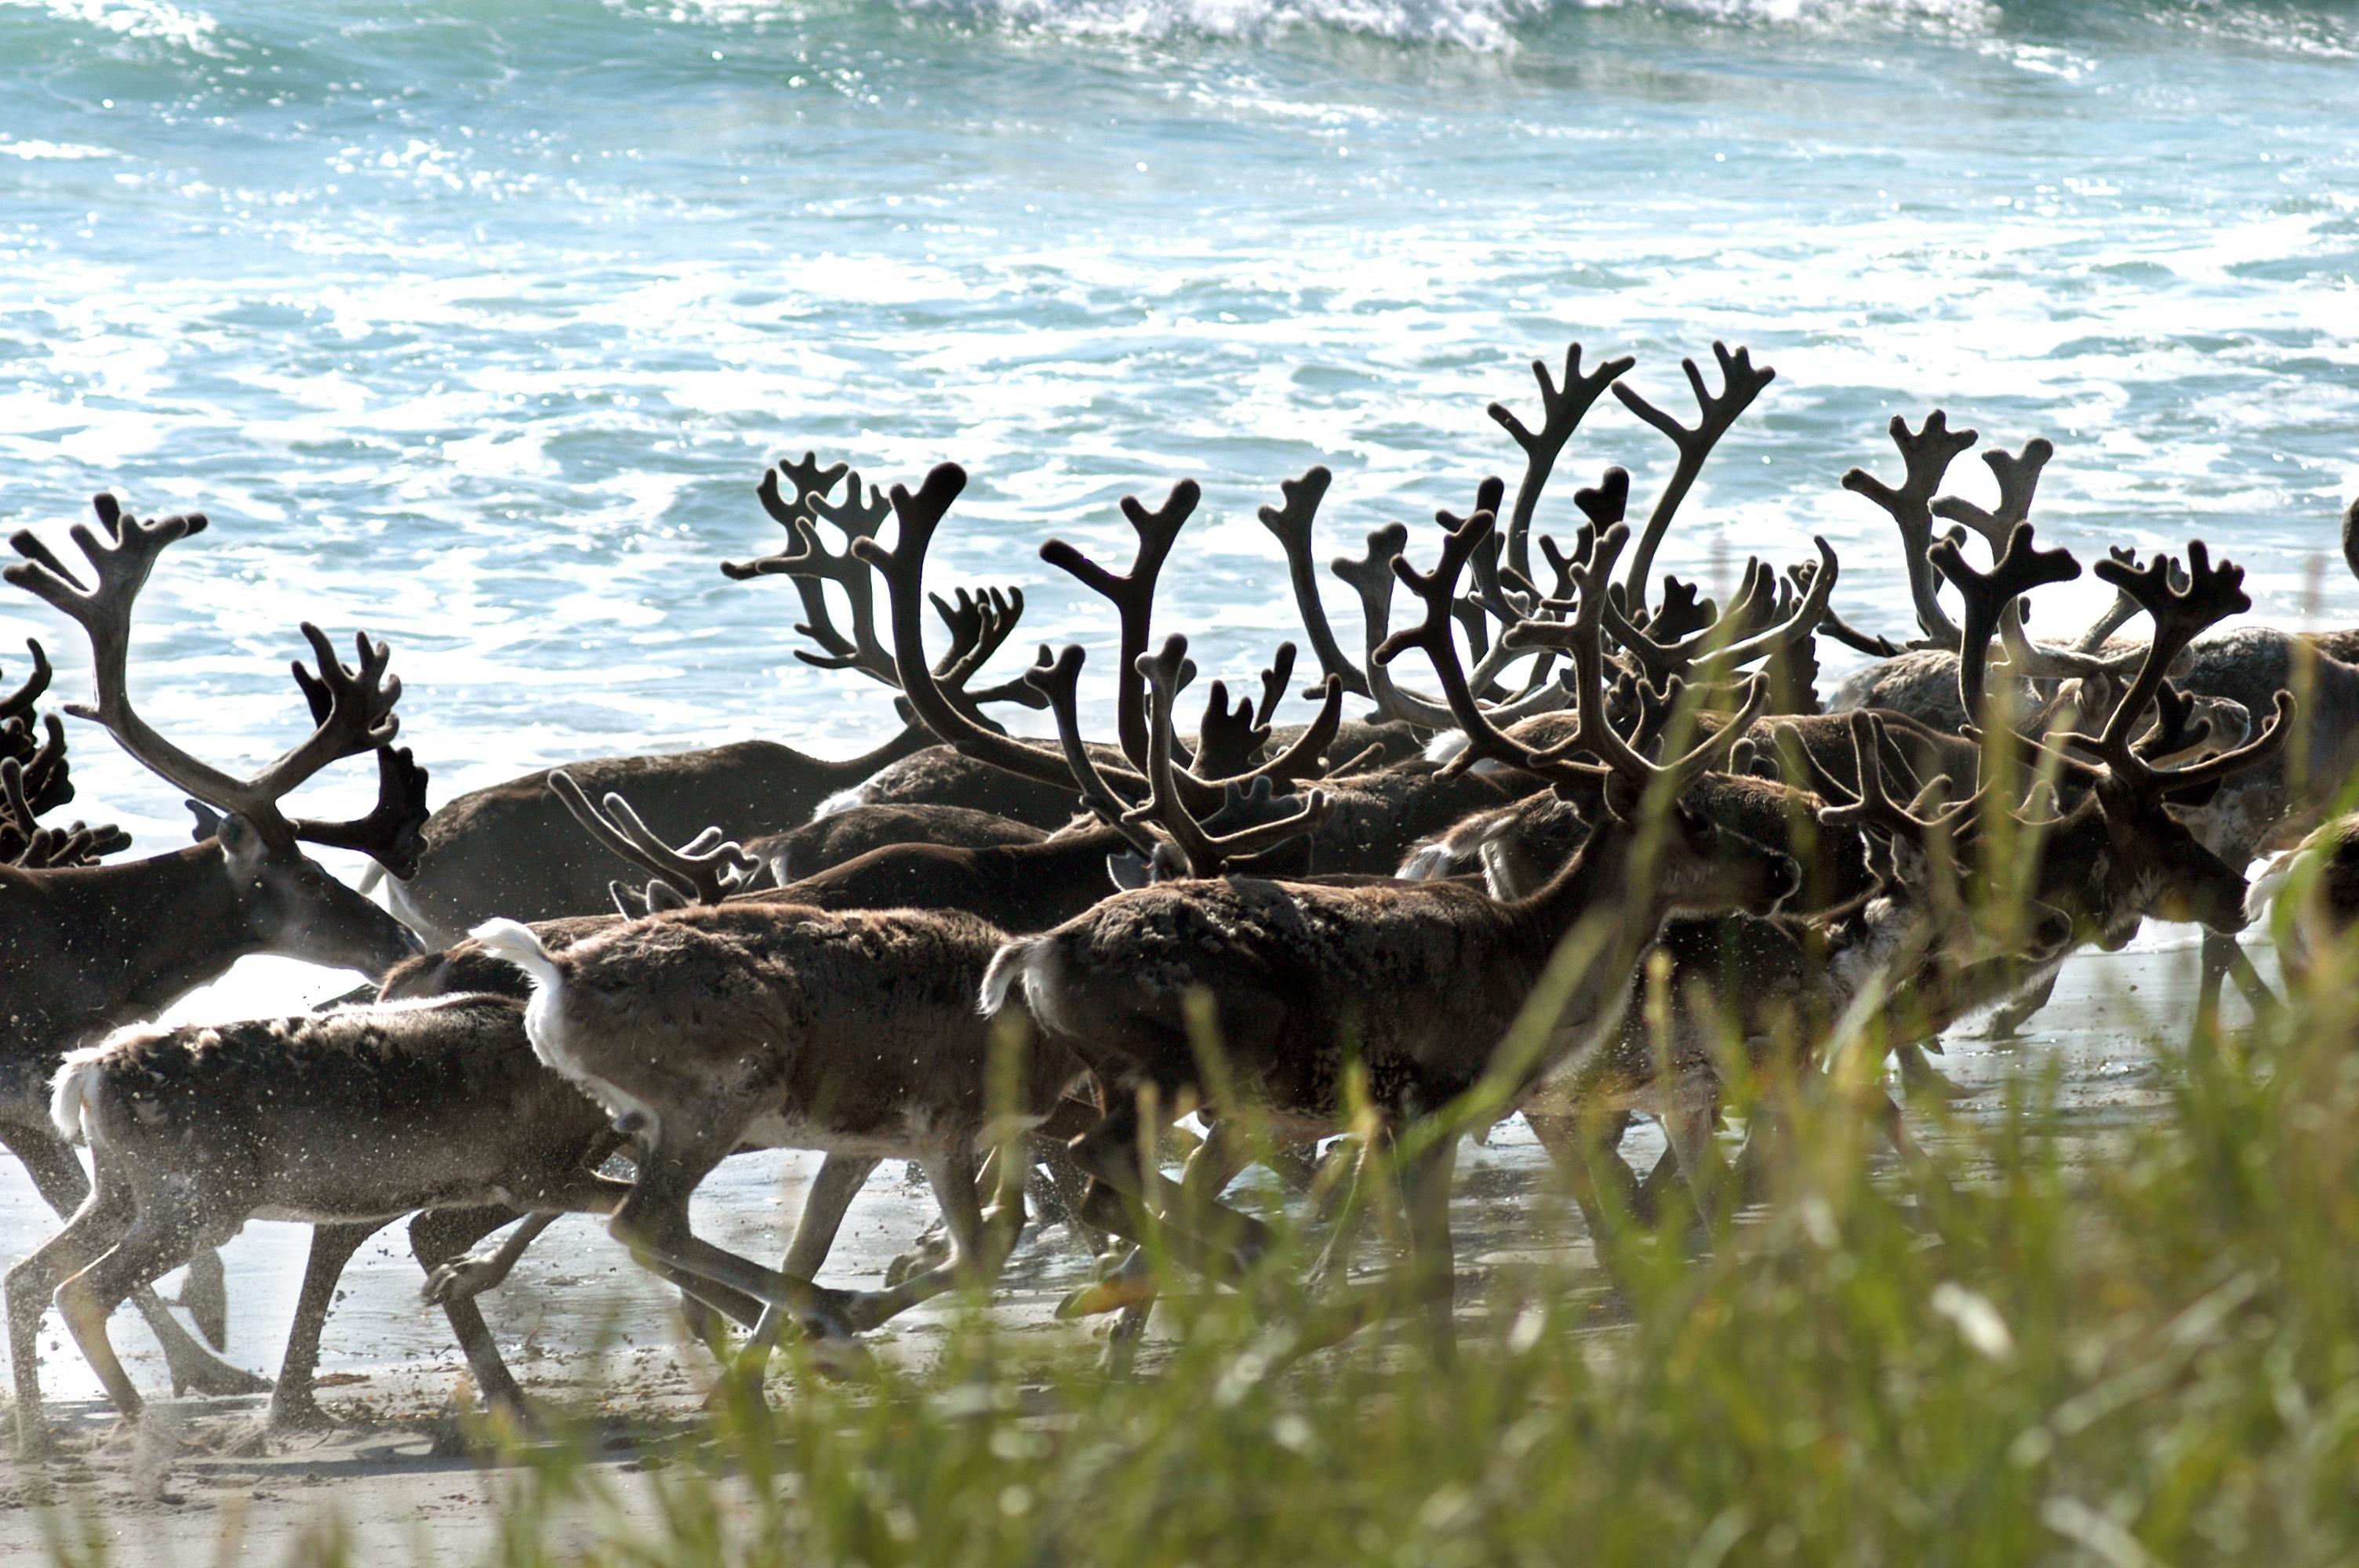 A reindeer herd walks on the beach in Jarfjord, Norway. (Thomas Nilsen/AFP/Getty Images)